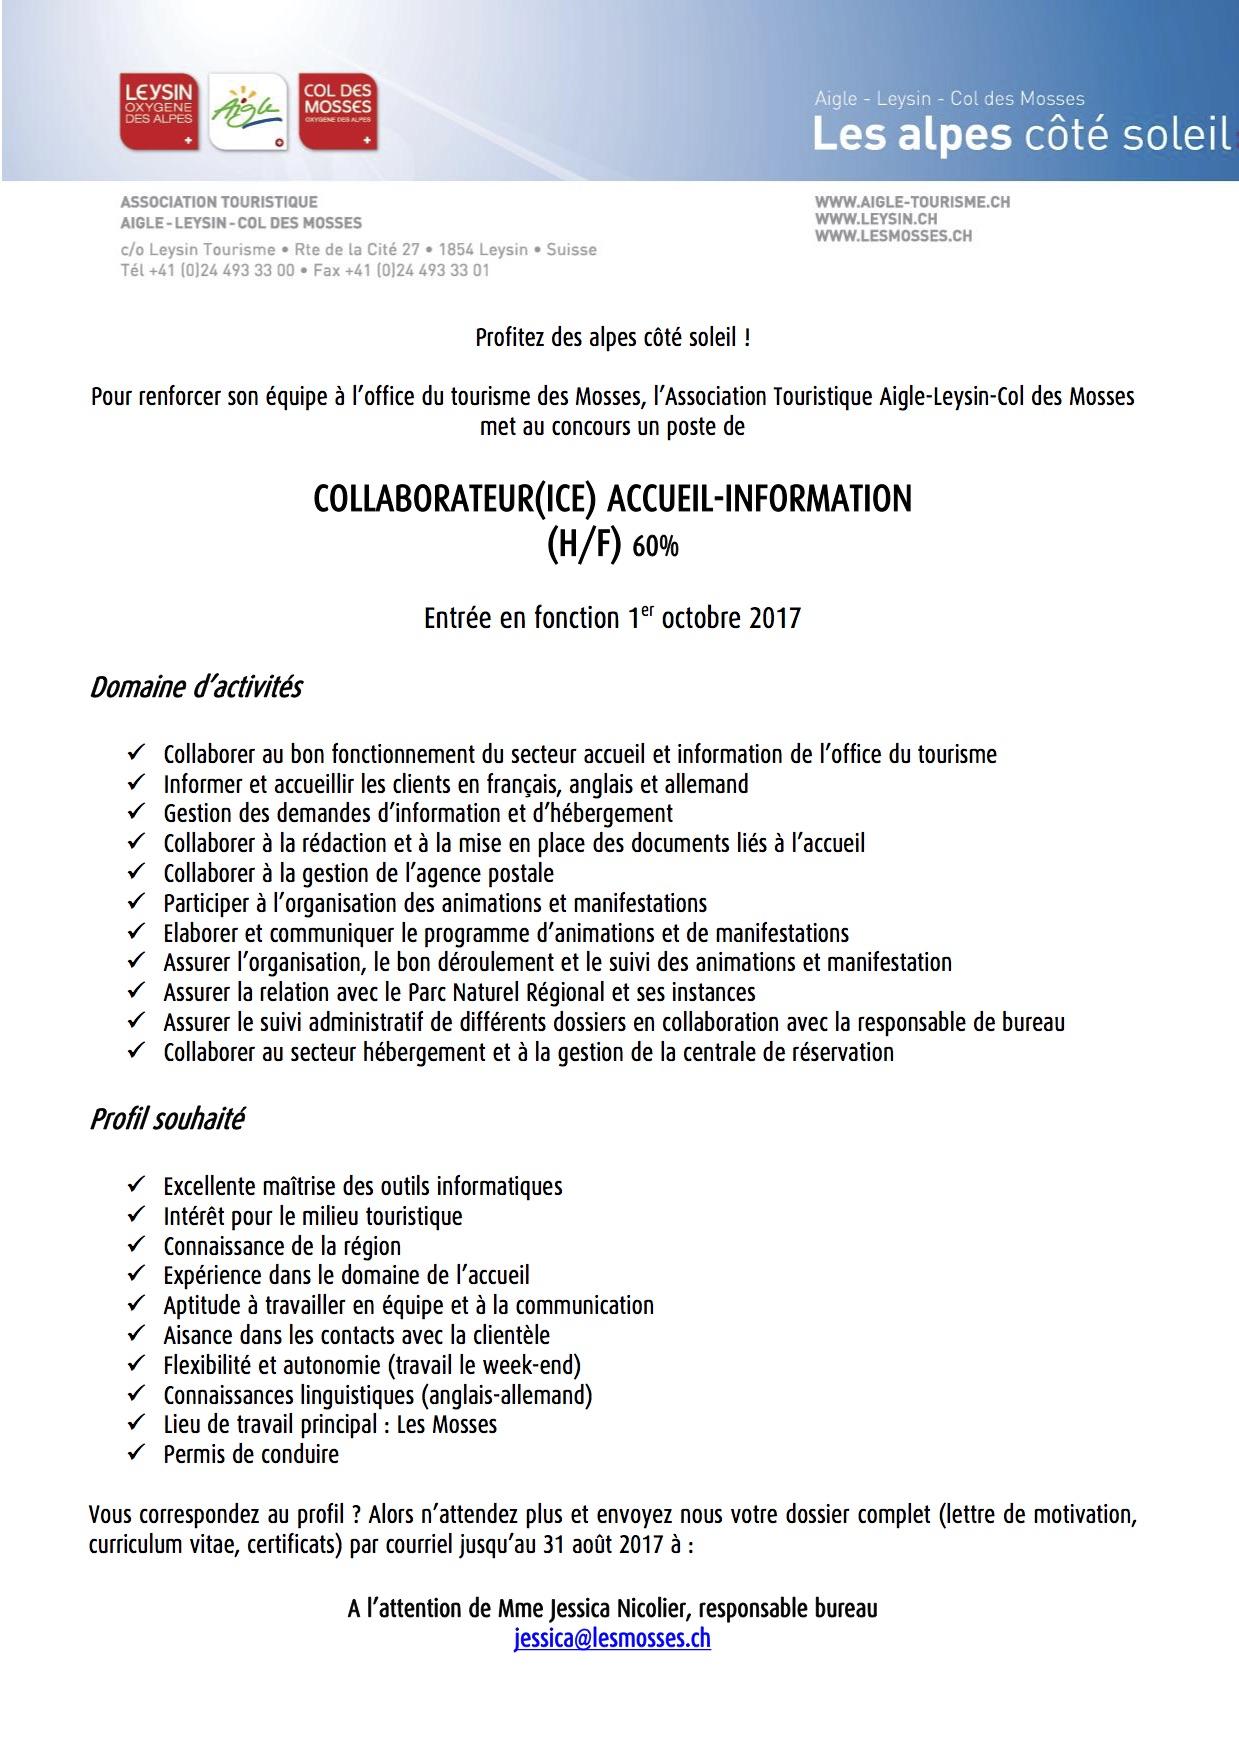 Offre d 39 emploi l 39 office du tourisme aigle leysin col des mosses cherche collaborateur h f - Office du tourisme recrutement ...